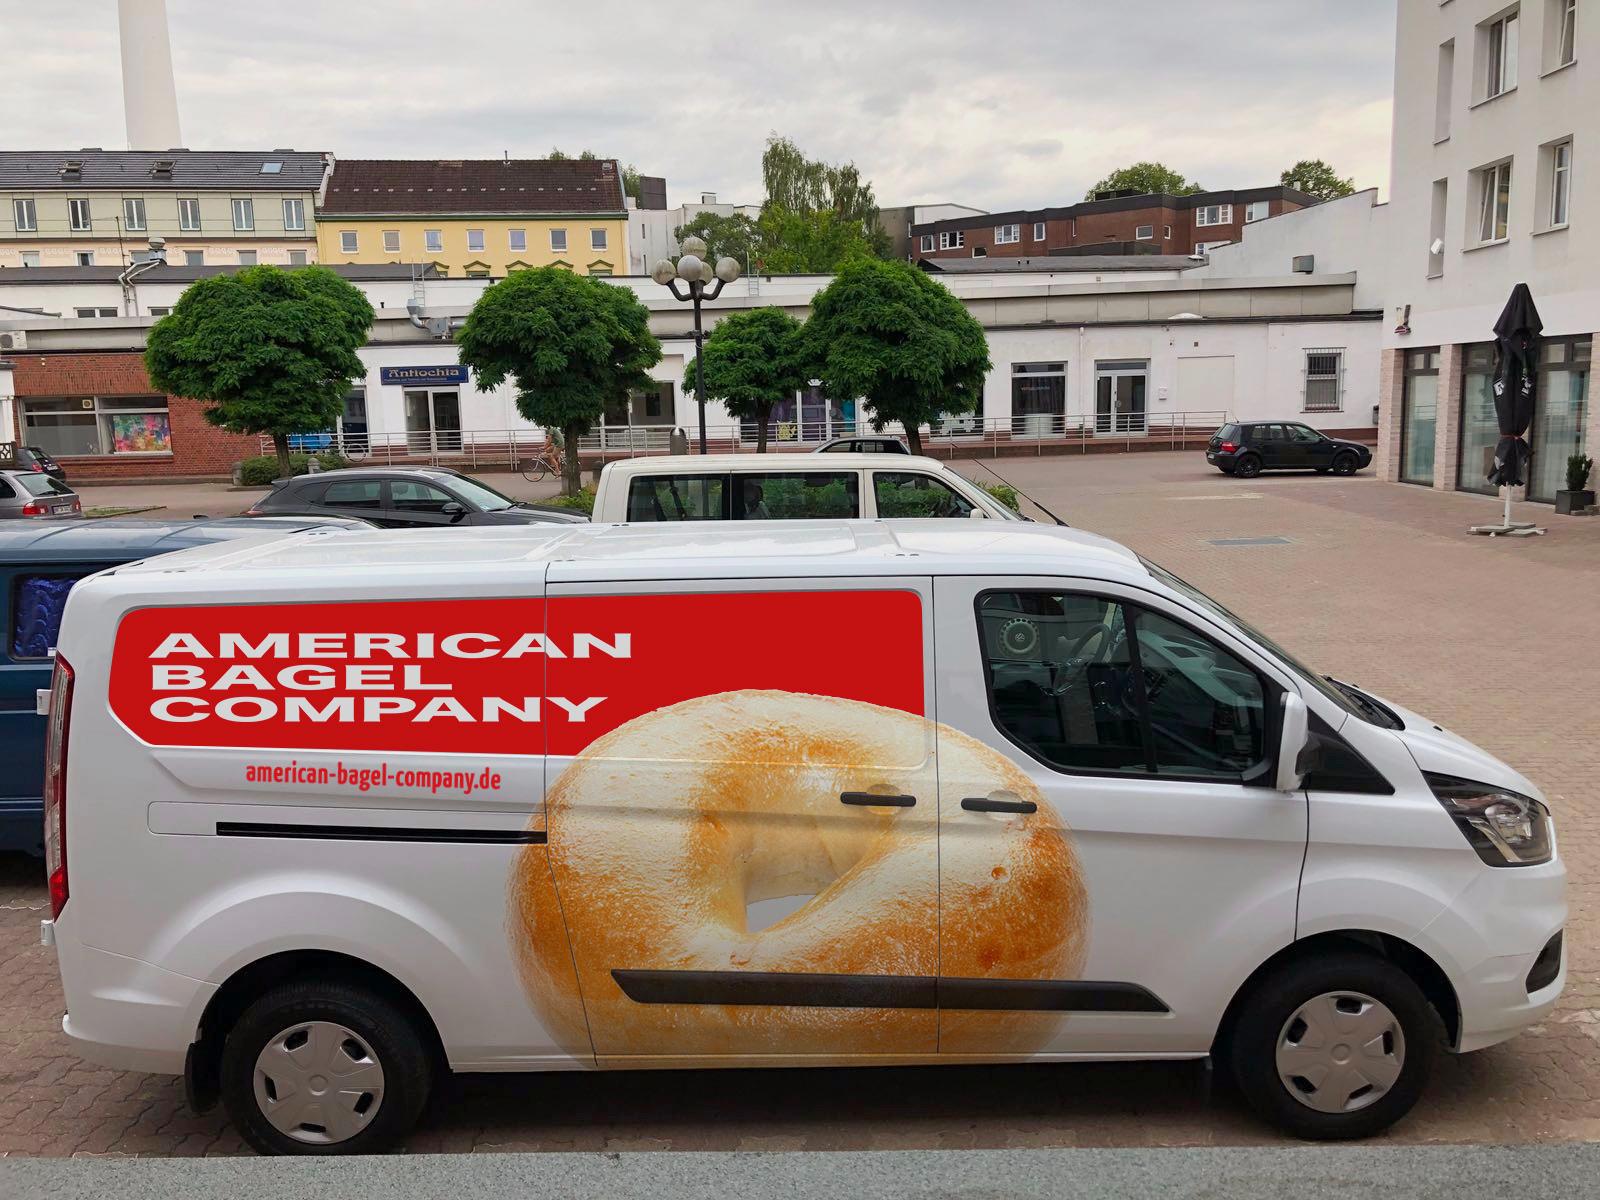 Fahrzeug der American Bagel GmbH